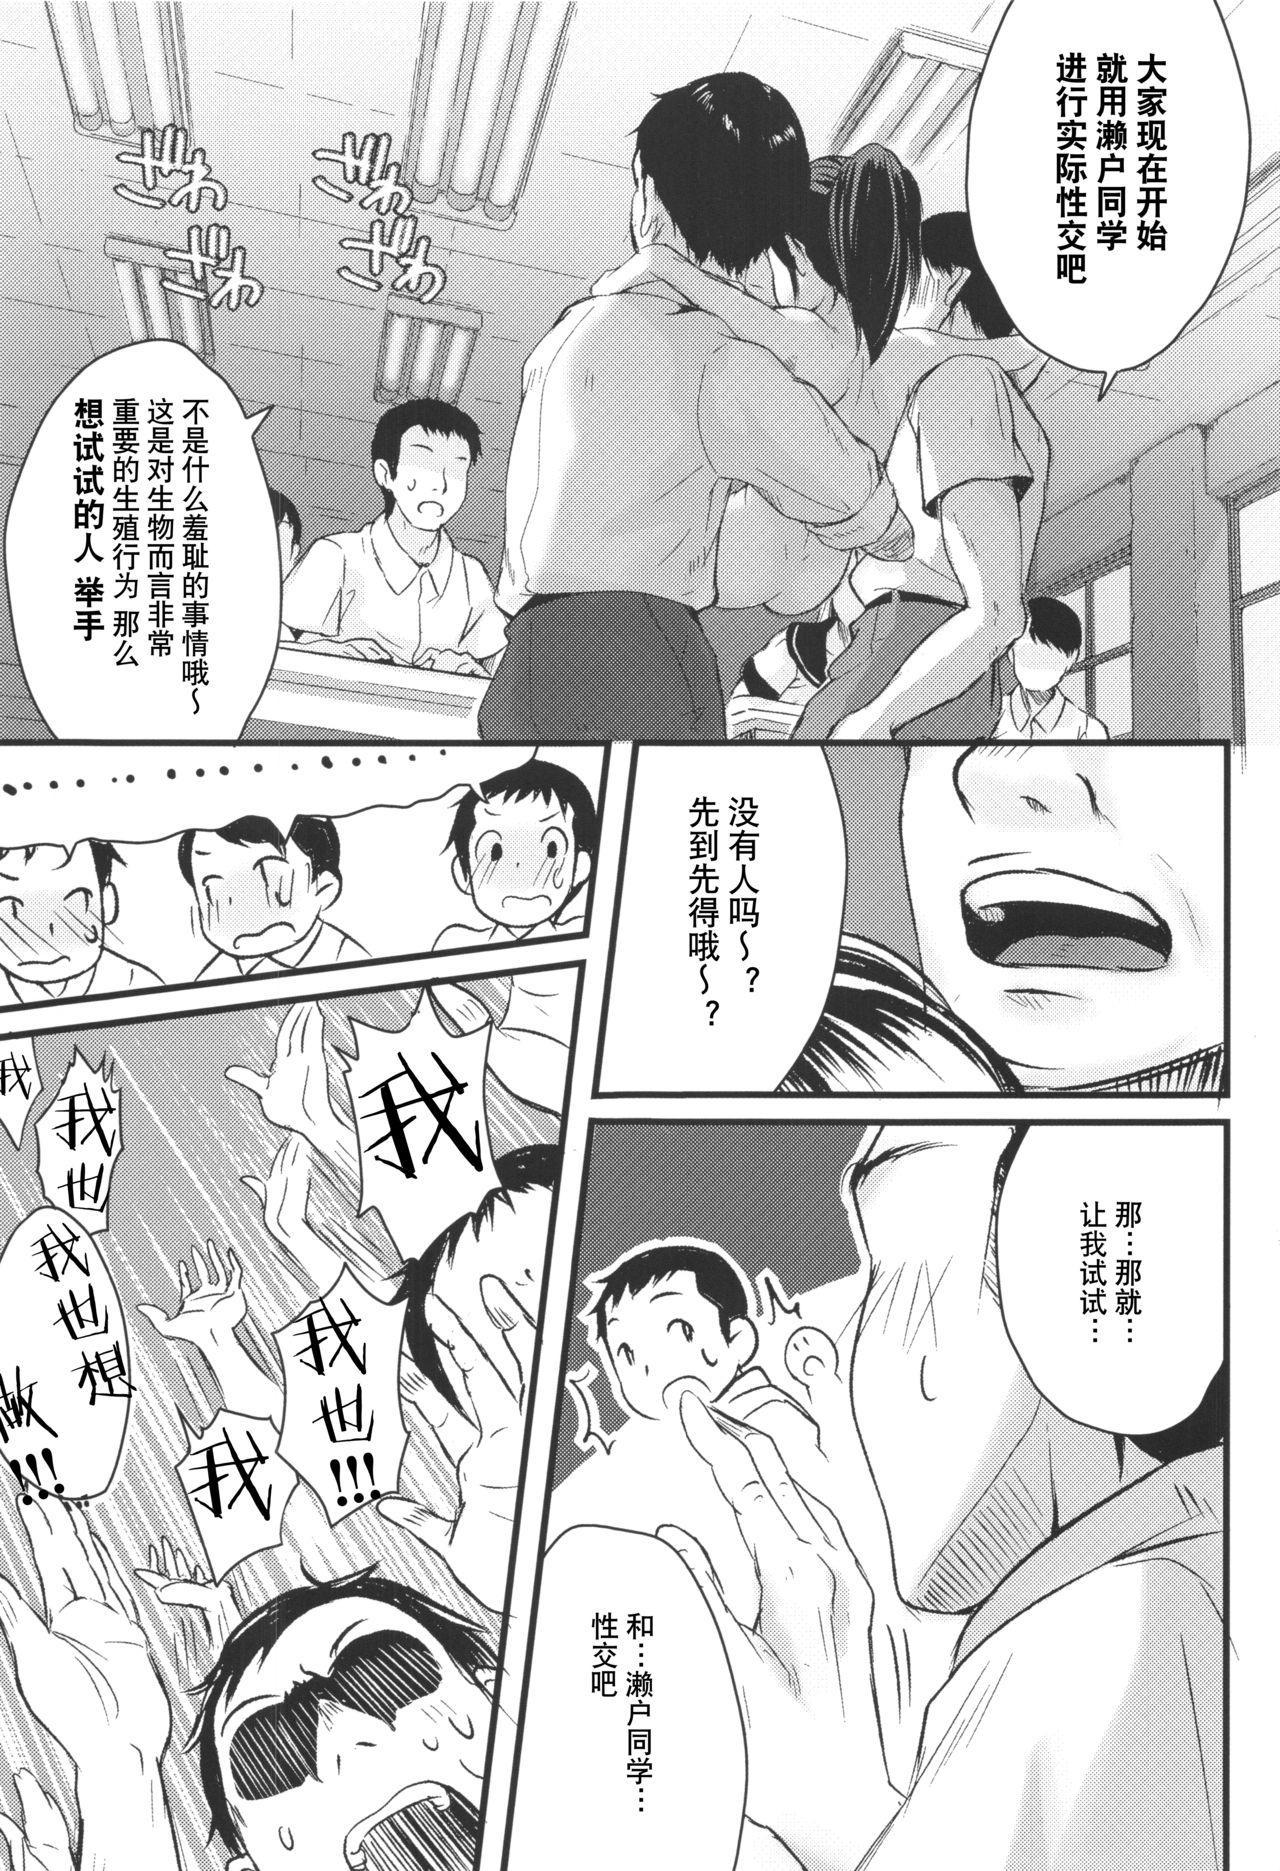 ©-sei de Manabu, Tadashii Sex Kouza 26